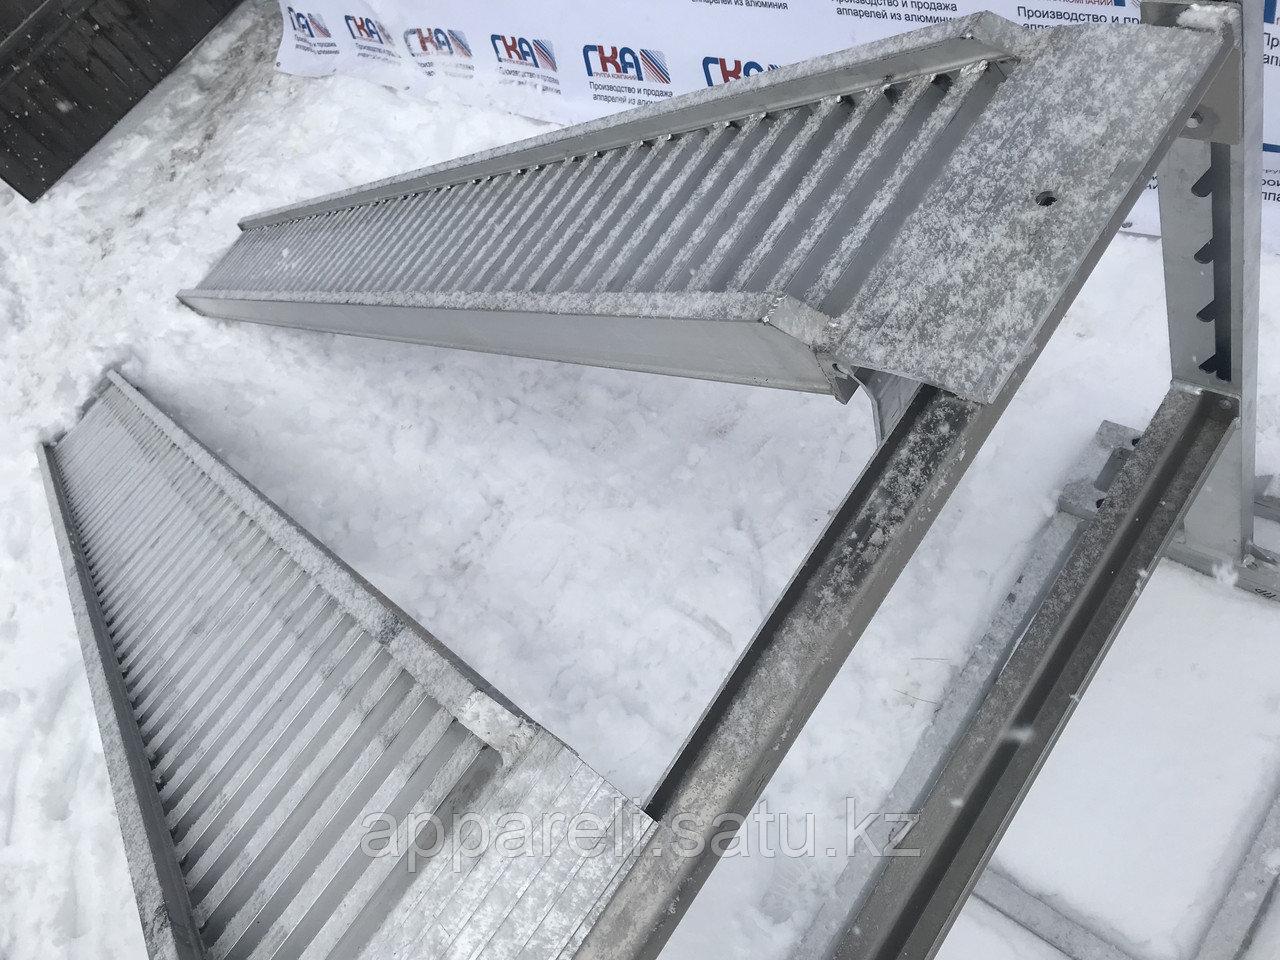 Алюминиевые трапы 2,7 тонны, 3 метра